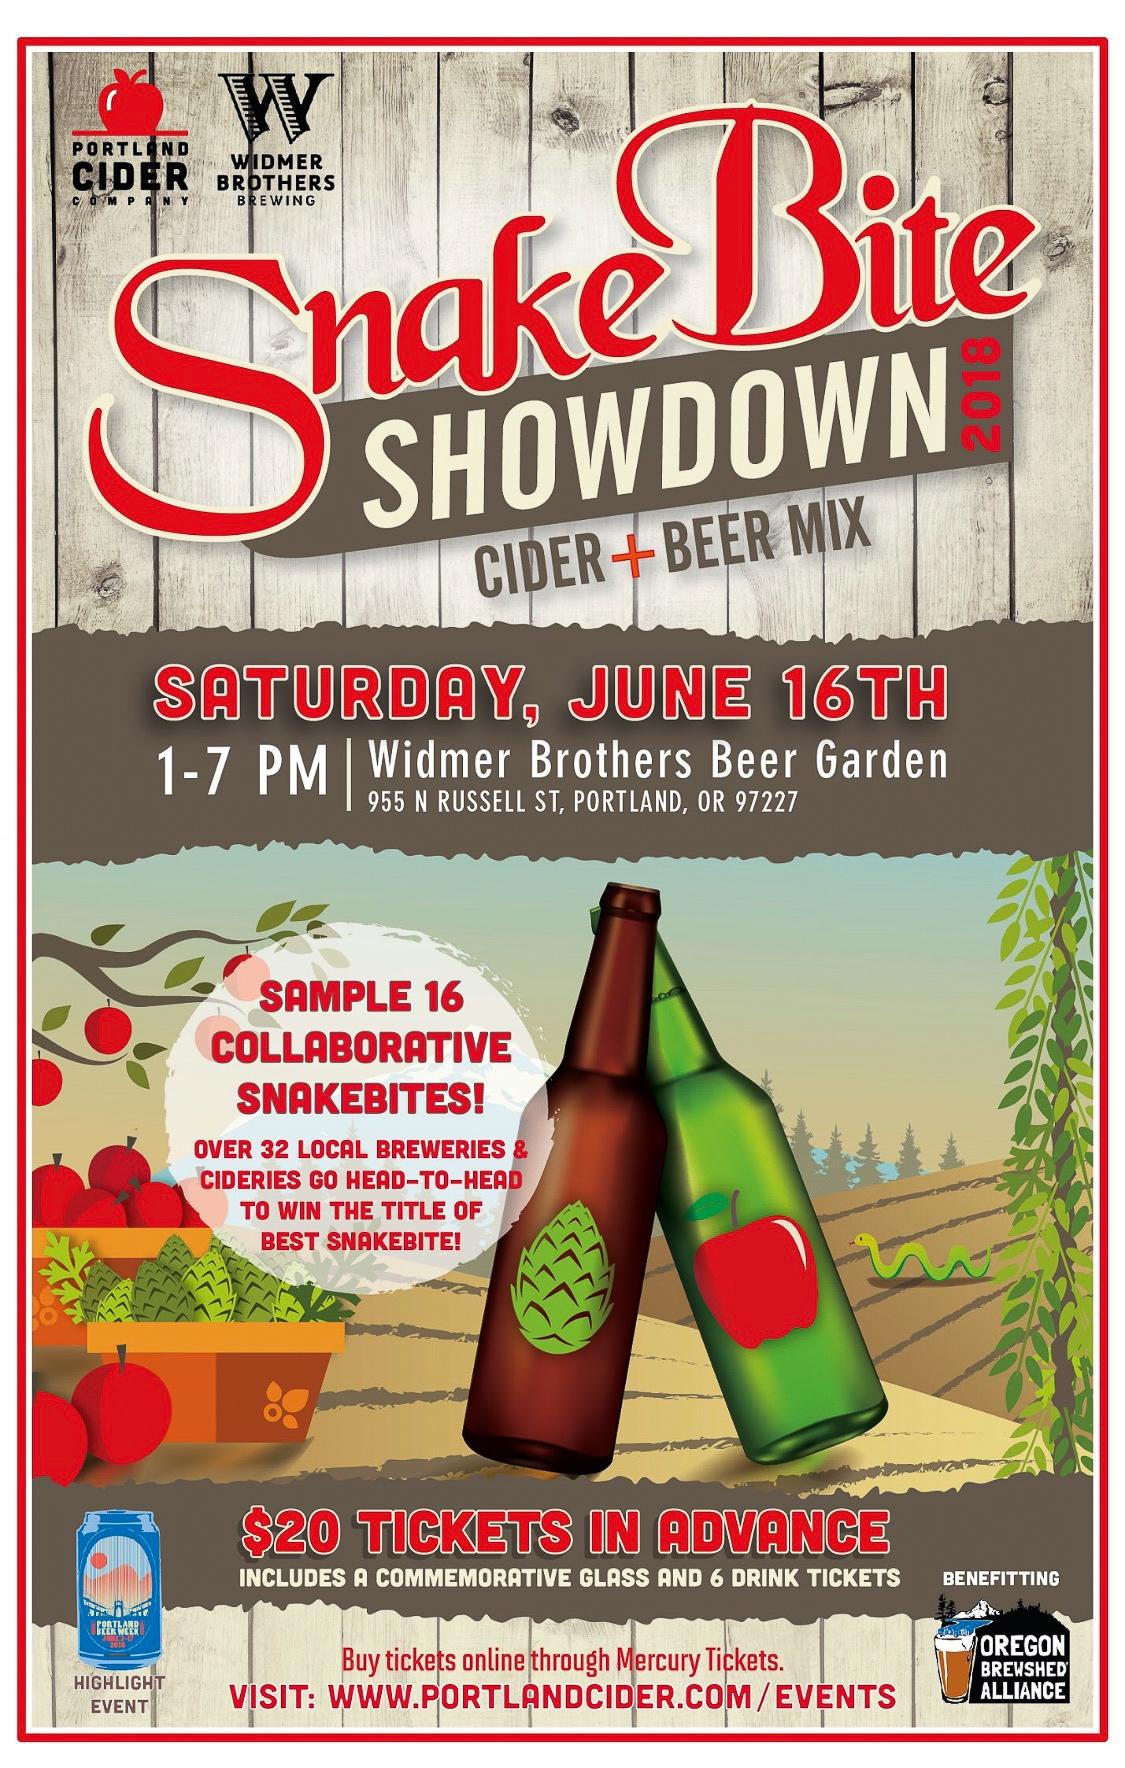 Snakebite Showdown Helen Lewis & Jake Neilson - Portland Beer Podcast episode 69 by Steven Shomler